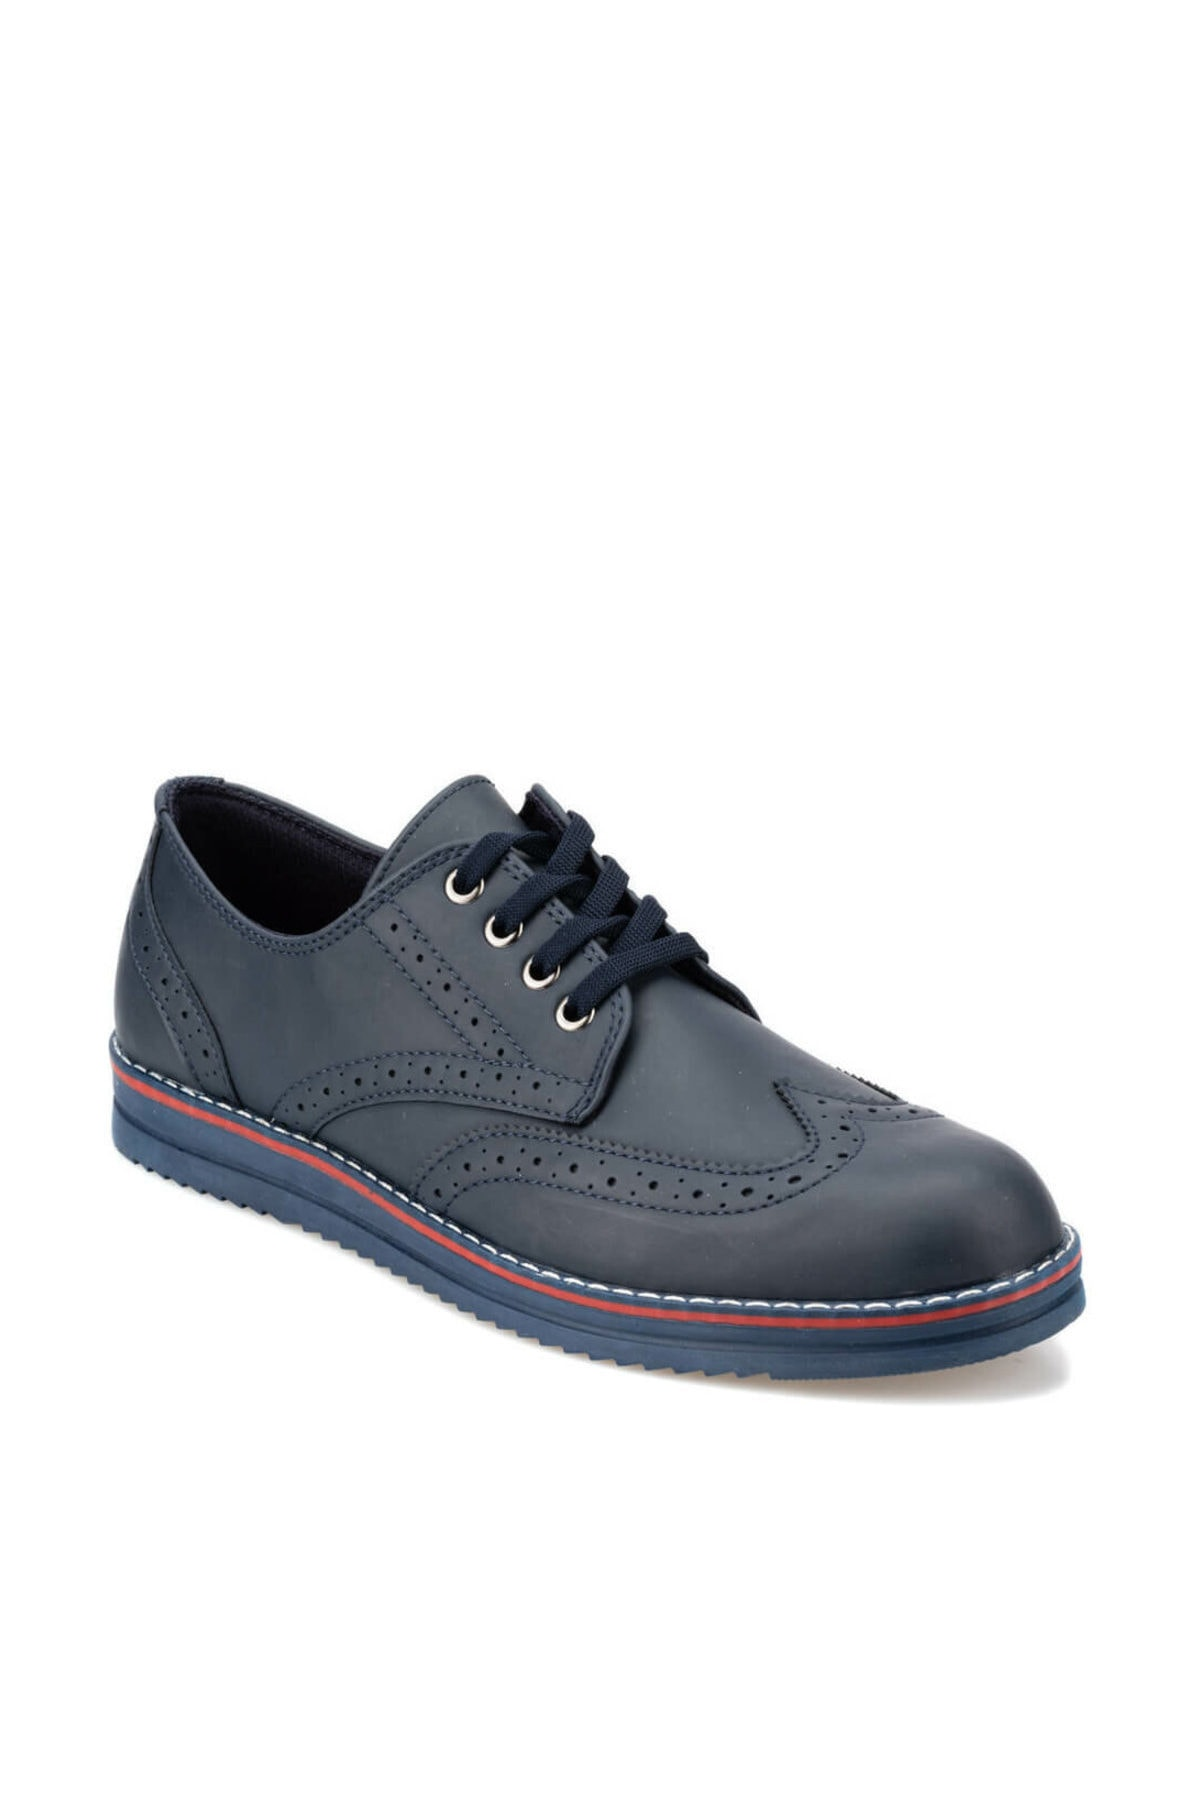 92.356617.m Lacivert Erkek Klasik Ayakkabı